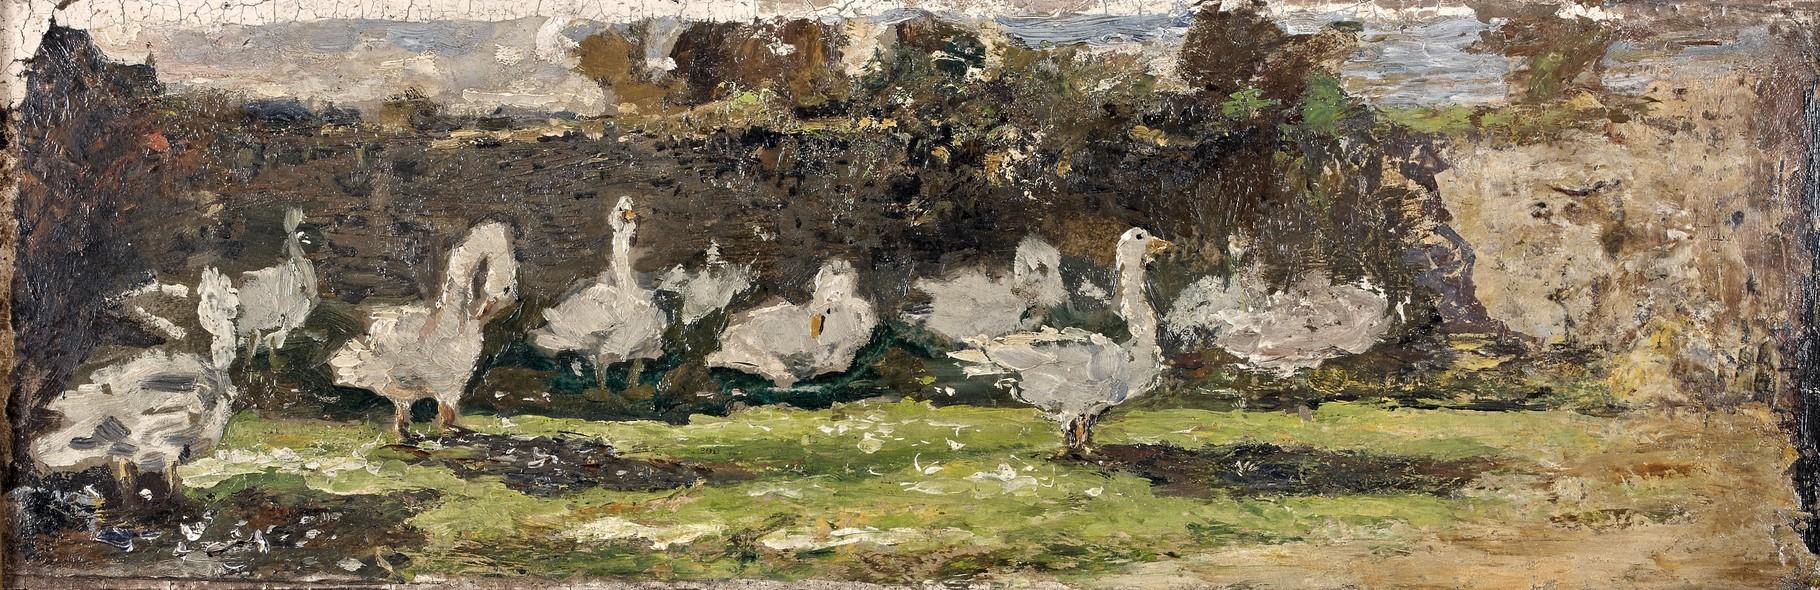 Félix Buhot, Les oies, Huile sur carton marouflé sur toile, vers 1880